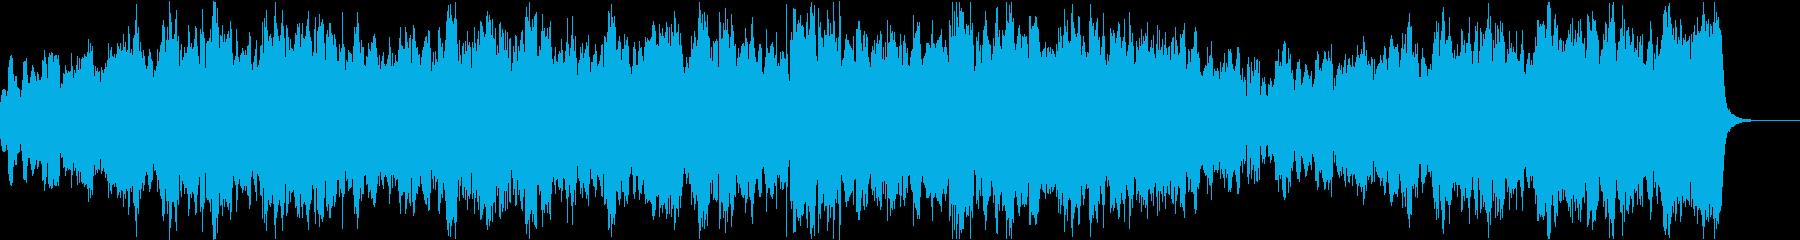 弦楽器によるクラシック風な4声のカノンの再生済みの波形